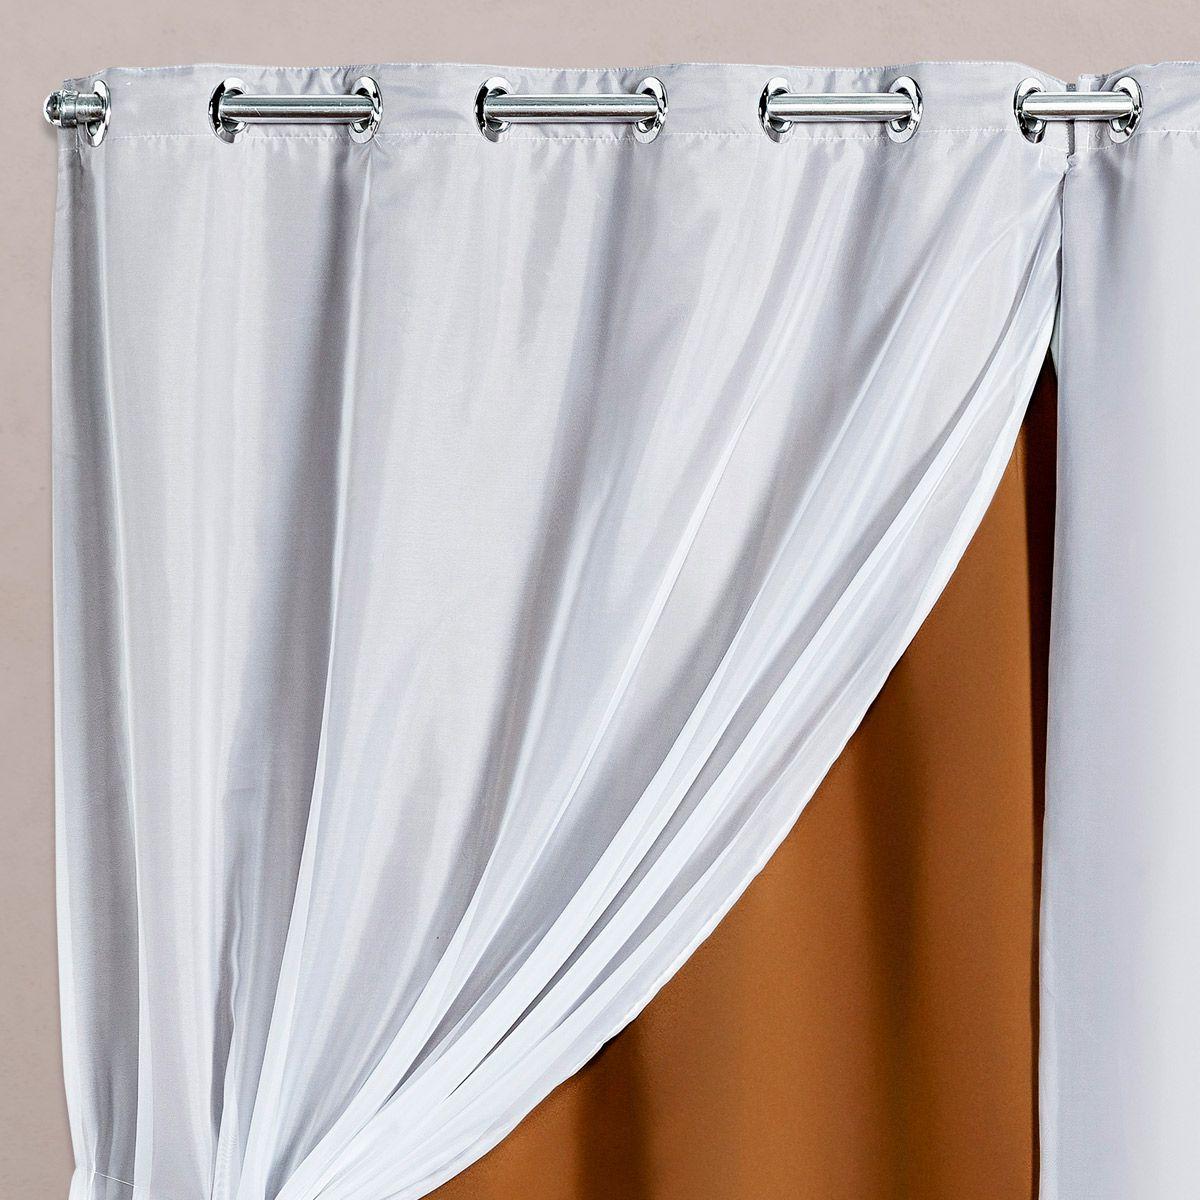 Cortina Blackout em Tecido Class c/ Voil Avelã/Branco Corta Luz 2,80m x 1,60m